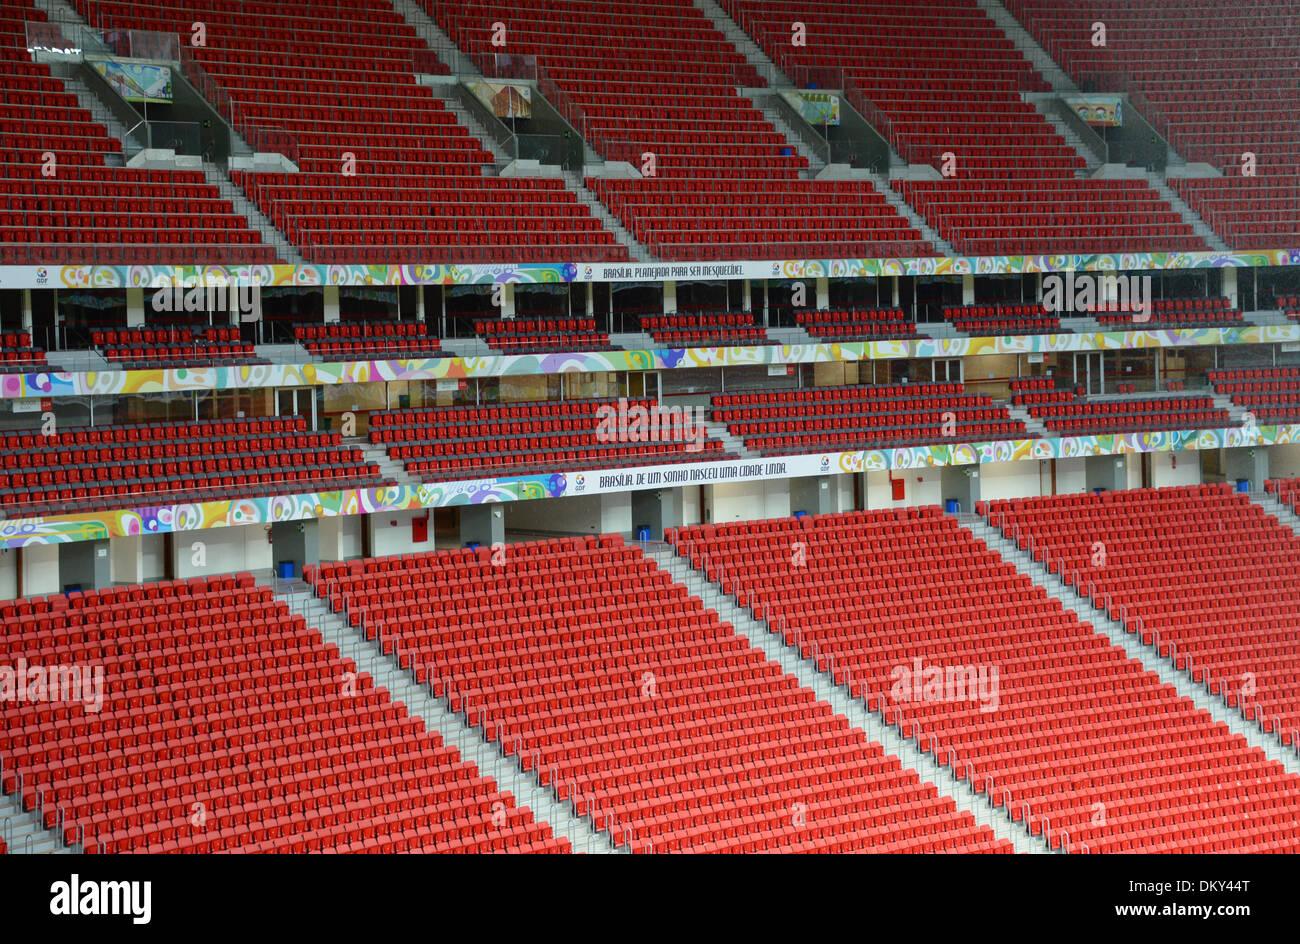 Ein Blick auf die Tribüne im «Stadion Nacional Mane Garrincha», aufgenommen am 09.12.2013 während eines Stadionrundgangs in der brasilianischen Hauptstadt Brasilia. Das Estadio Nacional Mane Garrincha ist eines der Stadien während der Fußball-Weltmeisterschaft 2014 in Brasilien. Foto: Marcus Brandt/dpa - Stock Image